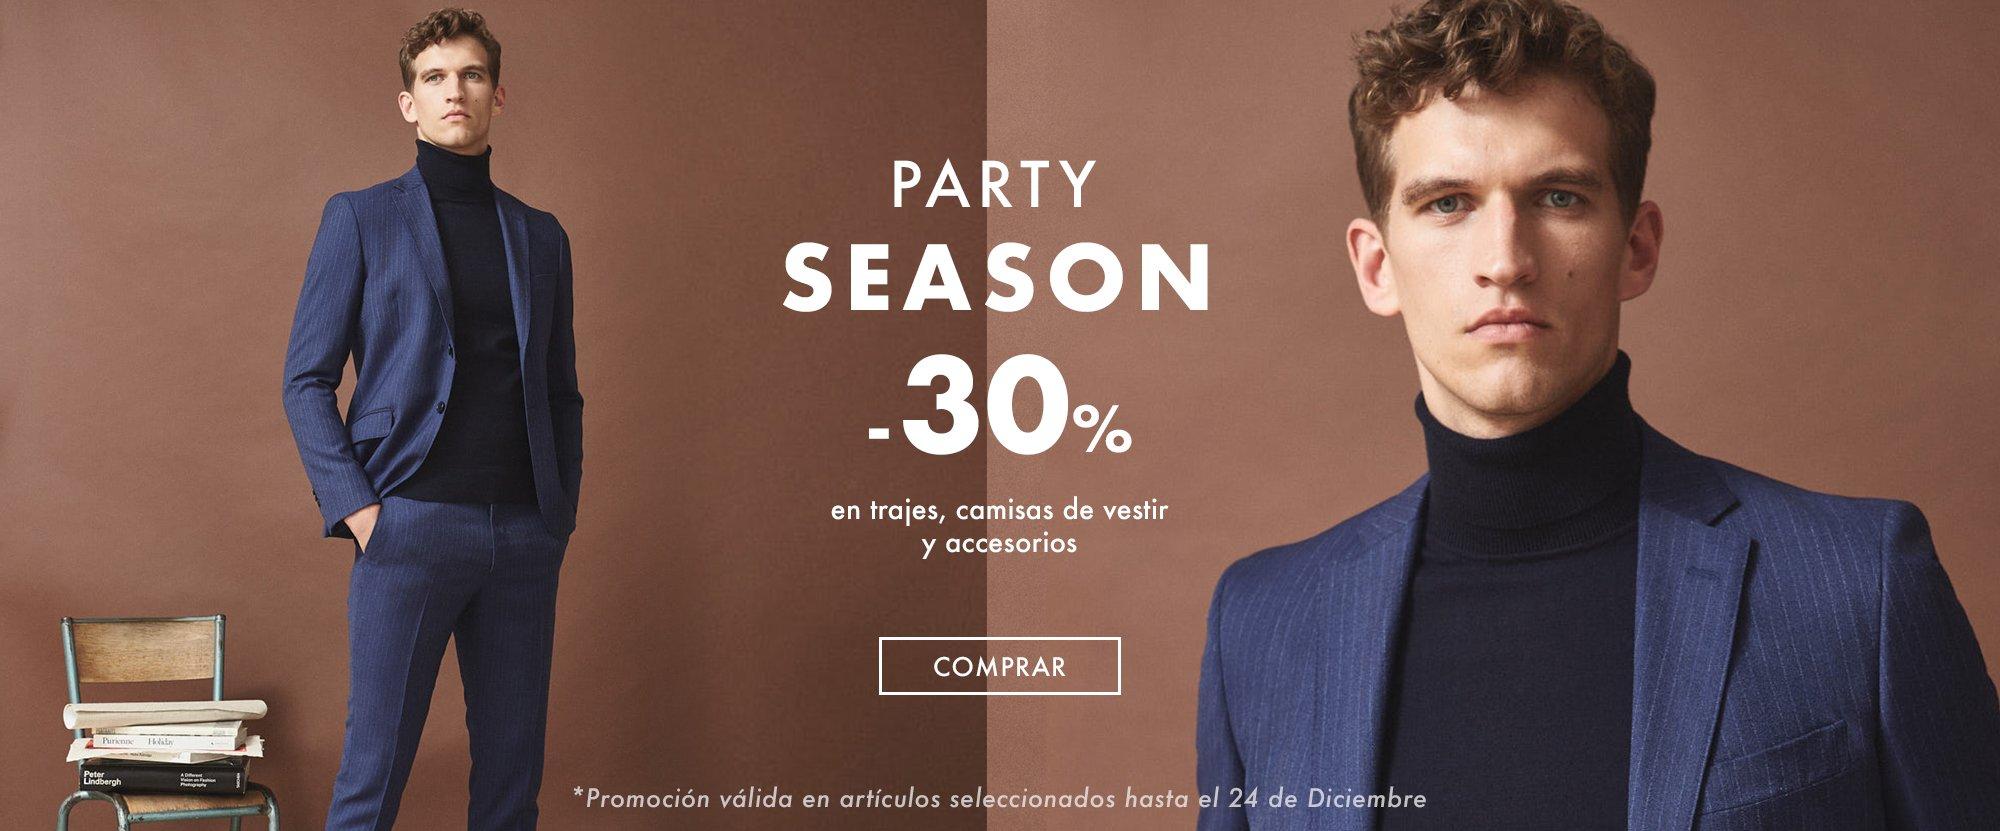 trajes, camisas de vestir, corbatas y pajaritas a un 30% dto